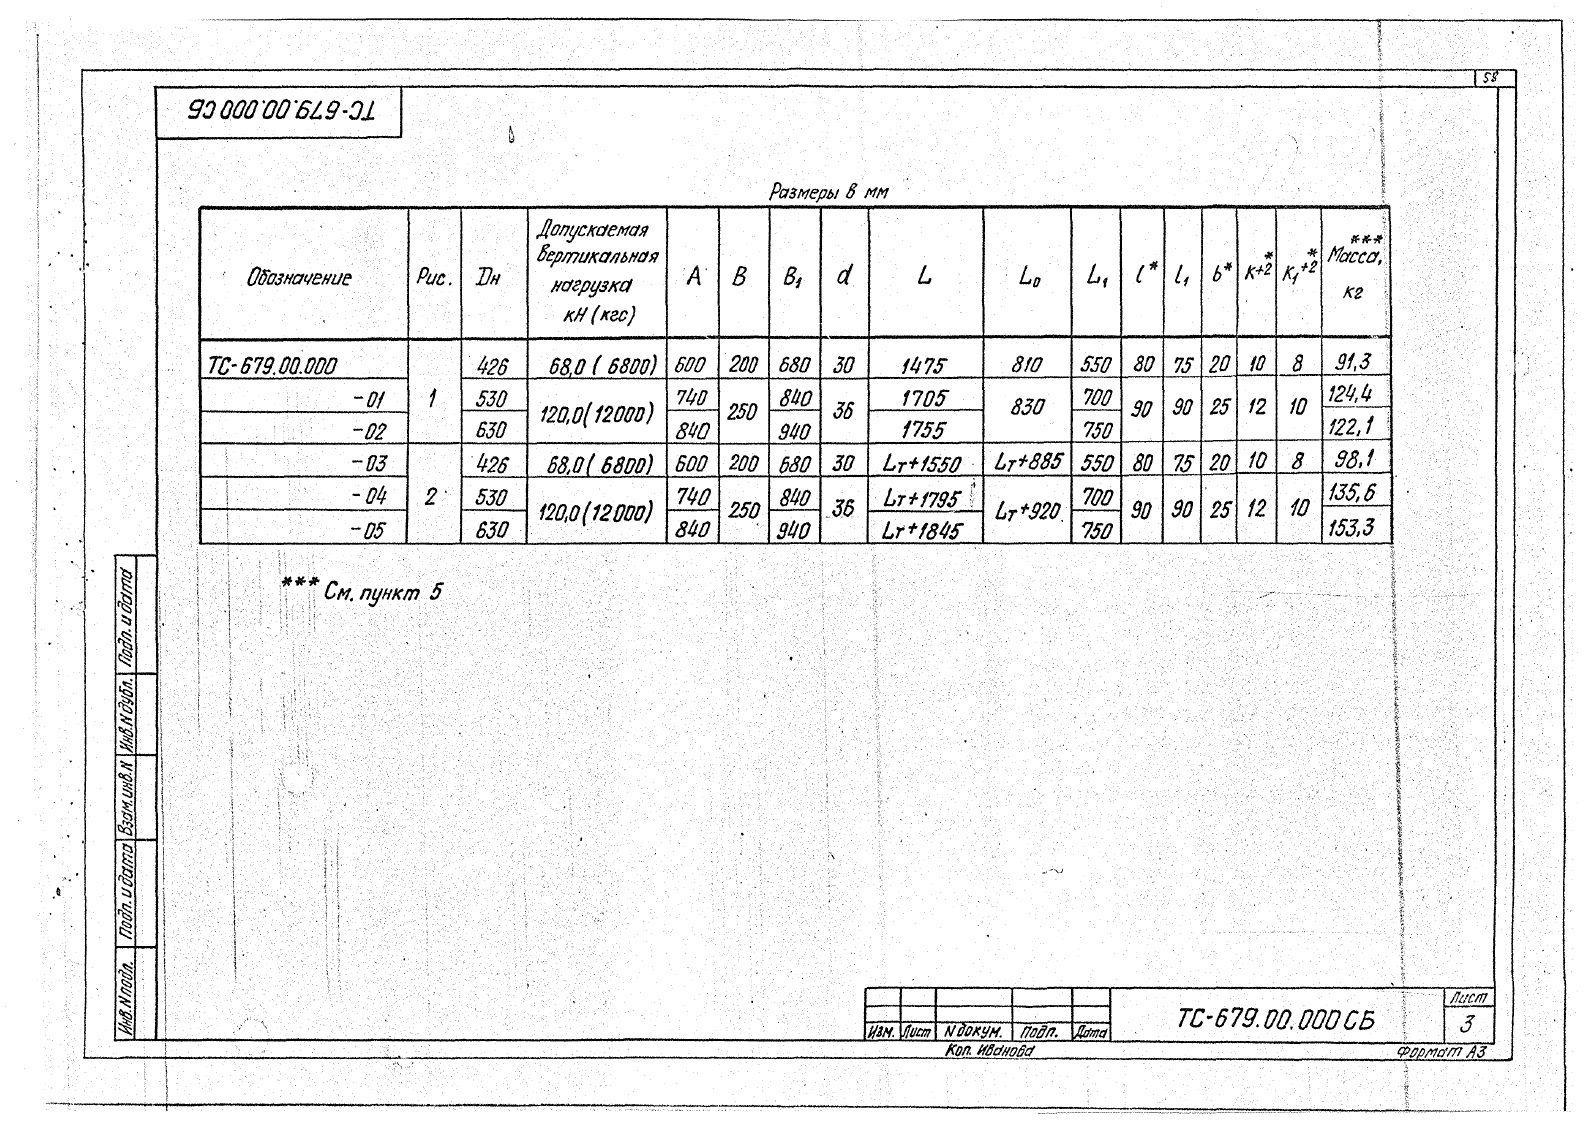 Подвески жесткие Дн 426-630 ТС-679 с.5.903-13 вып.6-95 стр.3